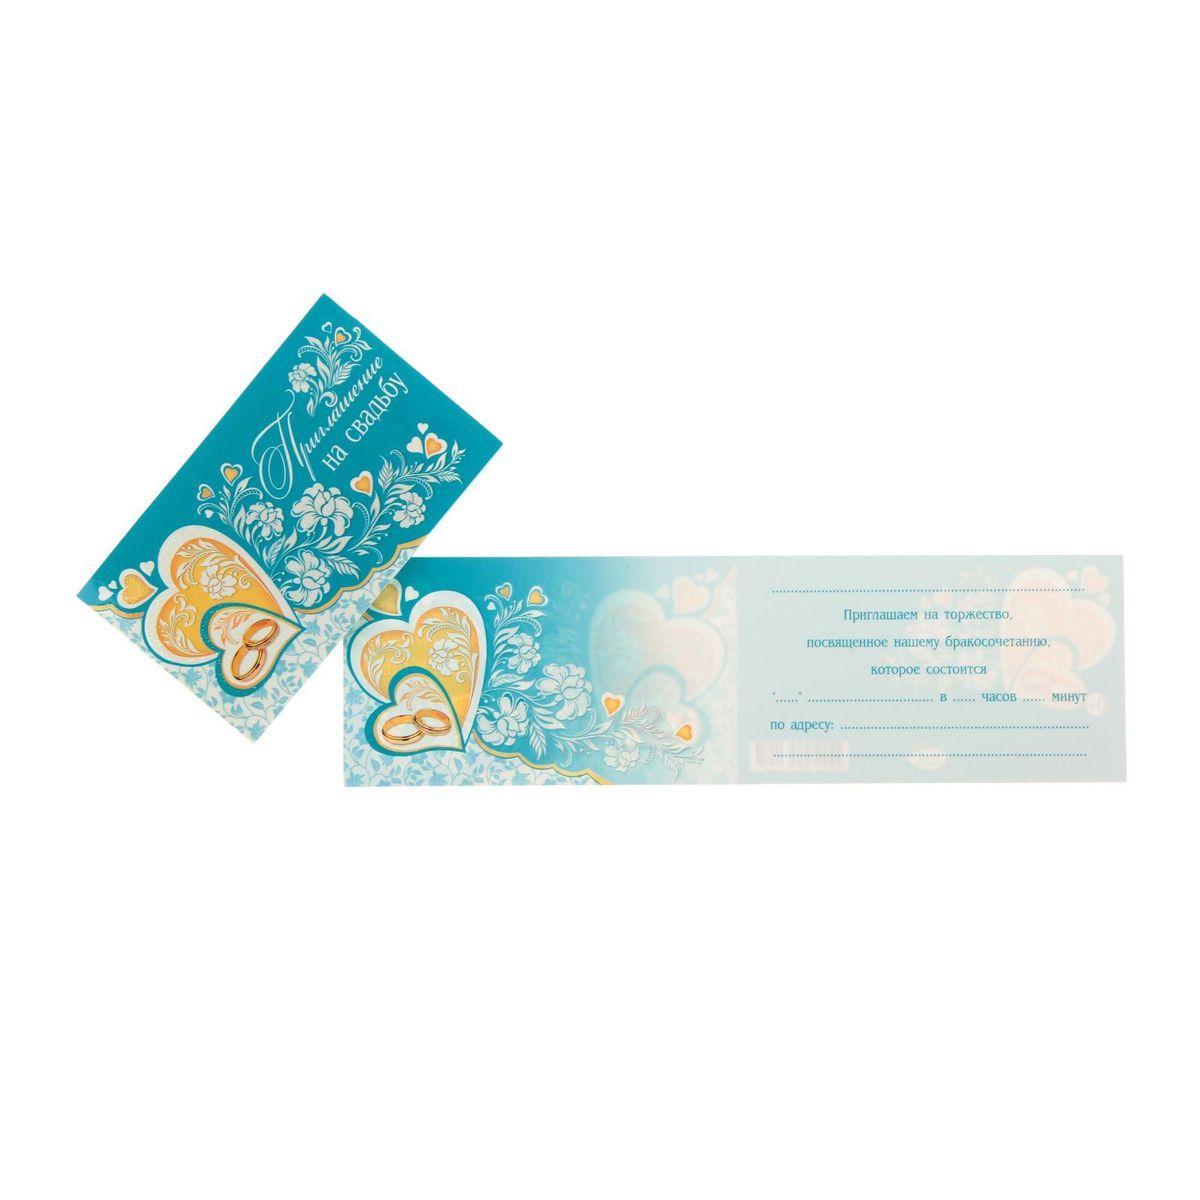 Приглашение на свадьбу Мир открыток Сердечки1216760Приглашение на свадьбу Мир открыток Сердечки, выполненное из картона, отличается не только оригинальным дизайном, но и высоким качеством. Лицевая сторона изделия оформлена красивым изображением сердец и колец, а также дополнена изысканным цветочным узором. Внутри содержится поле для записи имени гостя, а также даты и места бракосочетания. Приглашение - один из самых важных элементов вашего торжества. Ведь именно пригласительное письмо станет первым и главным объявлением о том, что вы решили провести столь важное мероприятие. И эта новость обязательно должна быть преподнесена достойным образом. Оригинальный дизайн, цвета и индивидуальные декоративные элементы - вот успех такого приглашения для свадьбы.